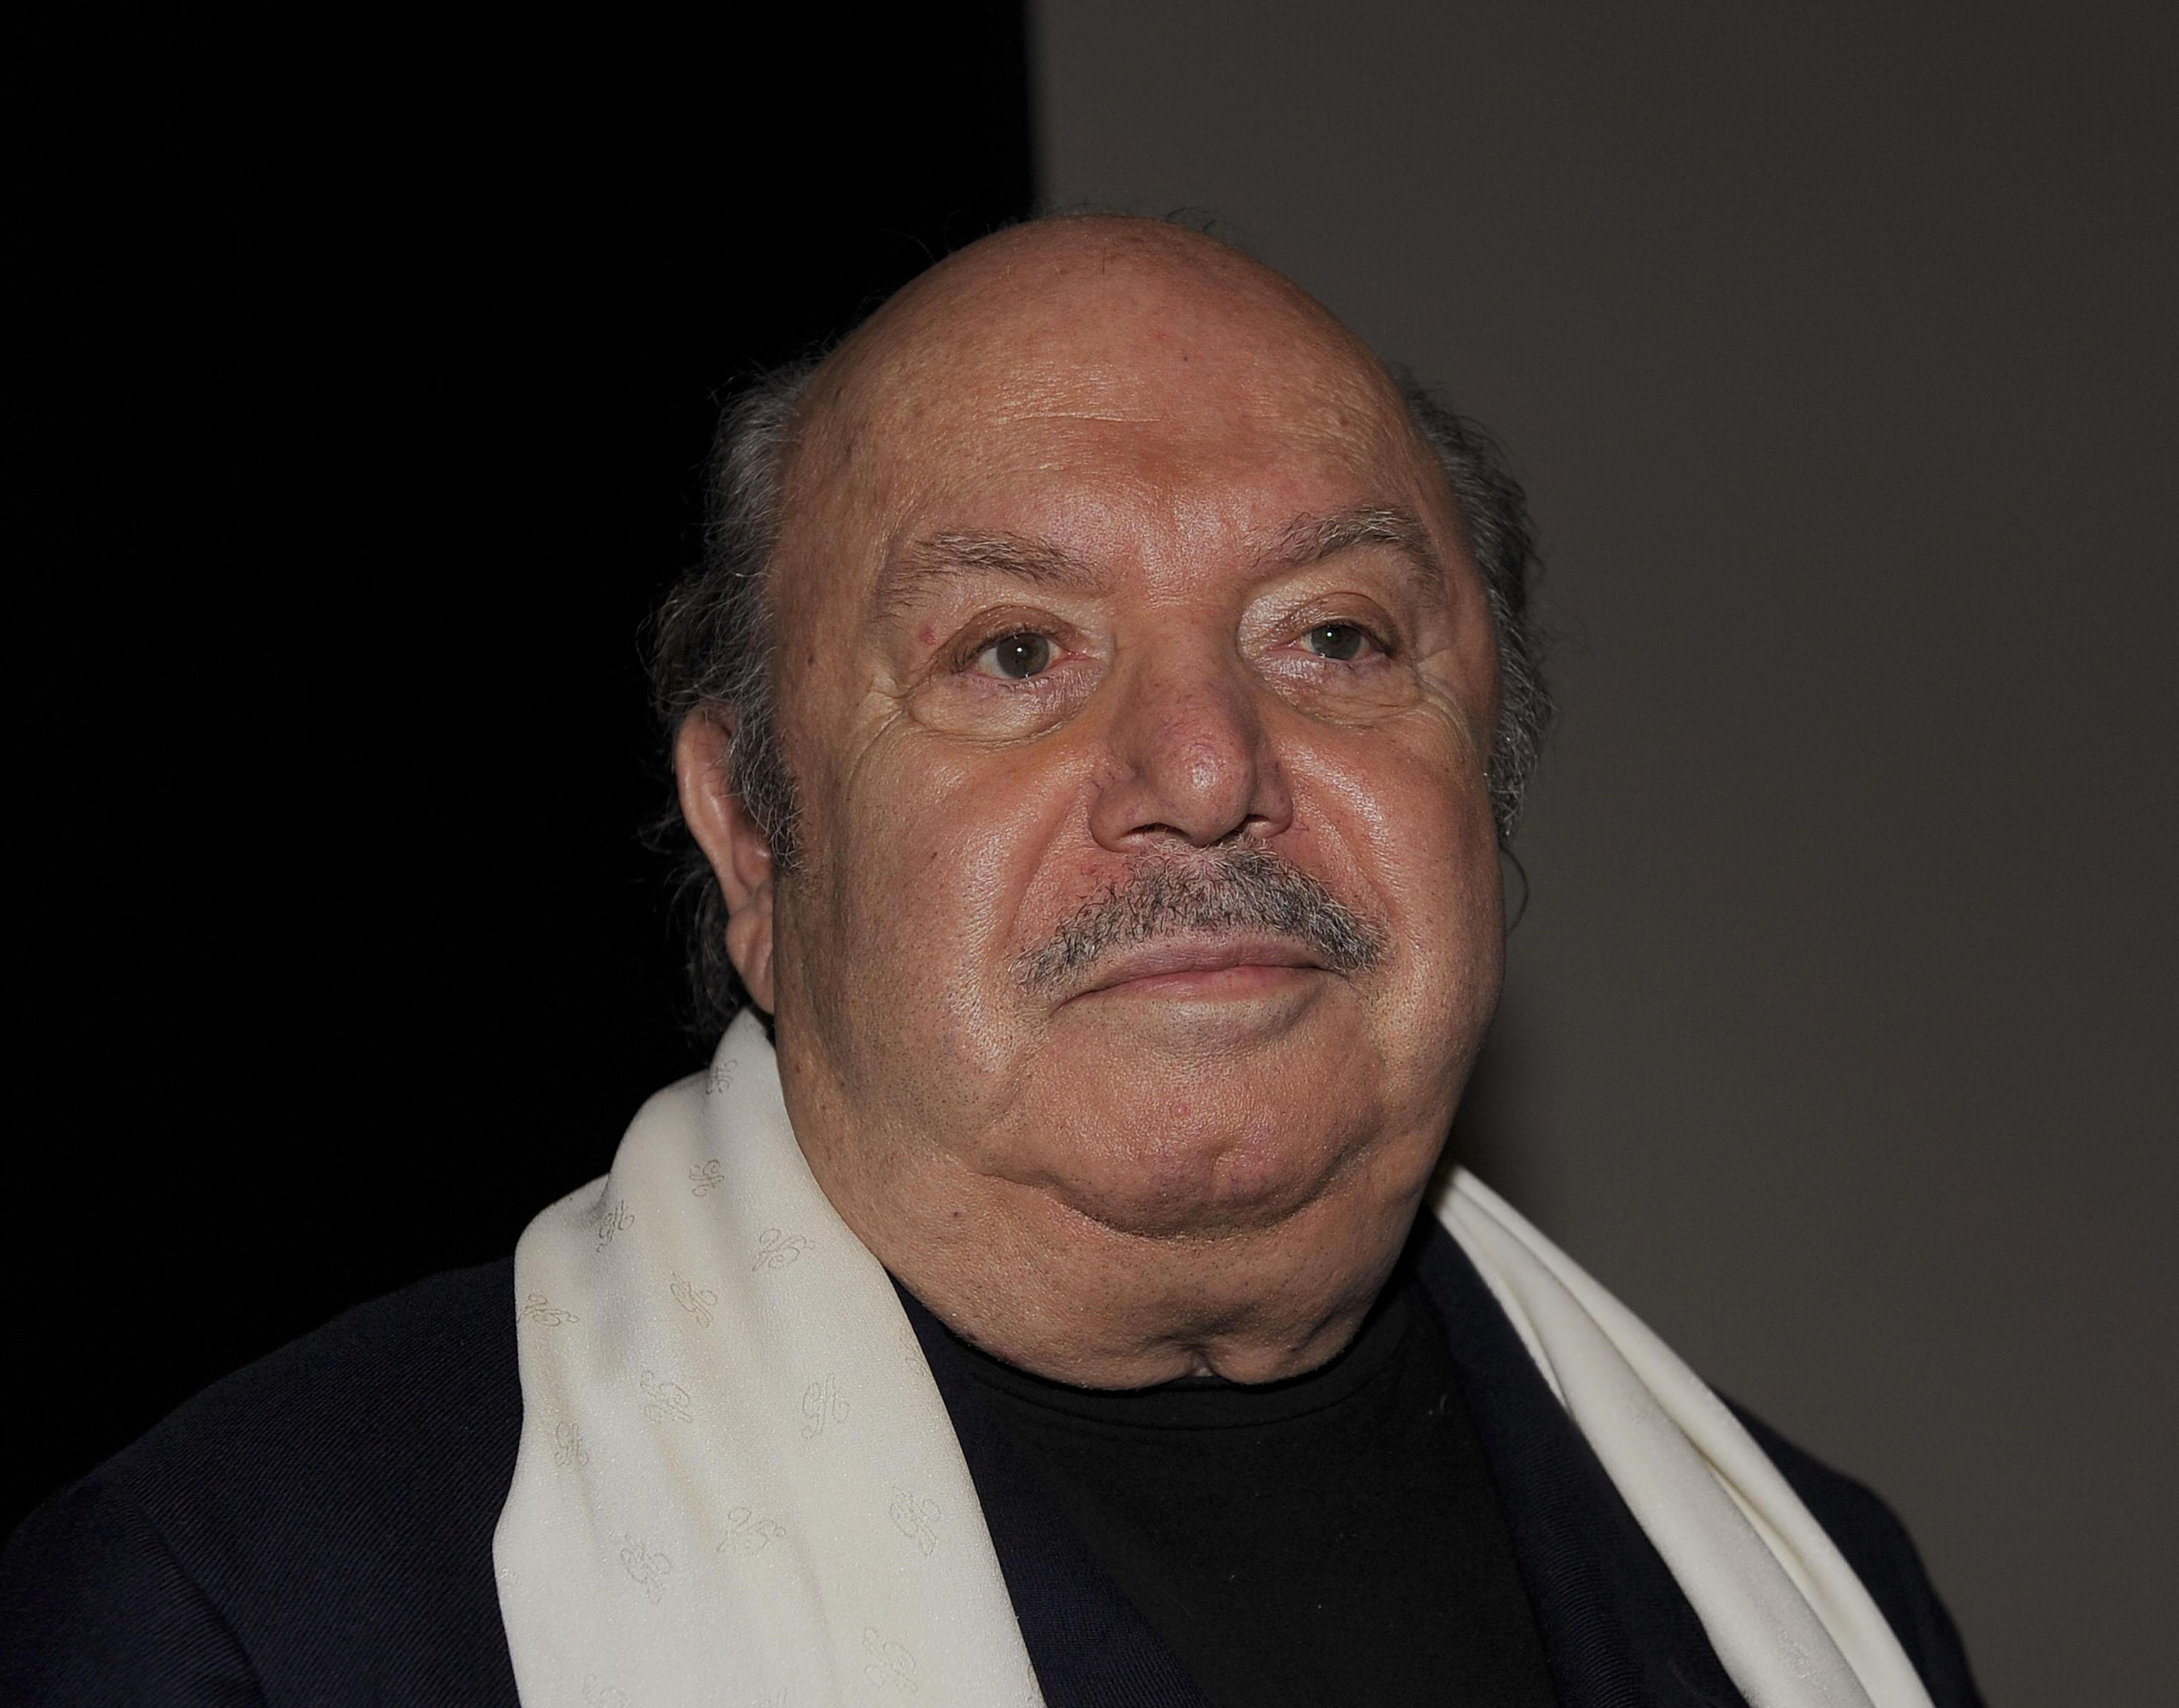 Lino Banfi, la moglie è malata: 'Ma sono un comico e devo far ridere'